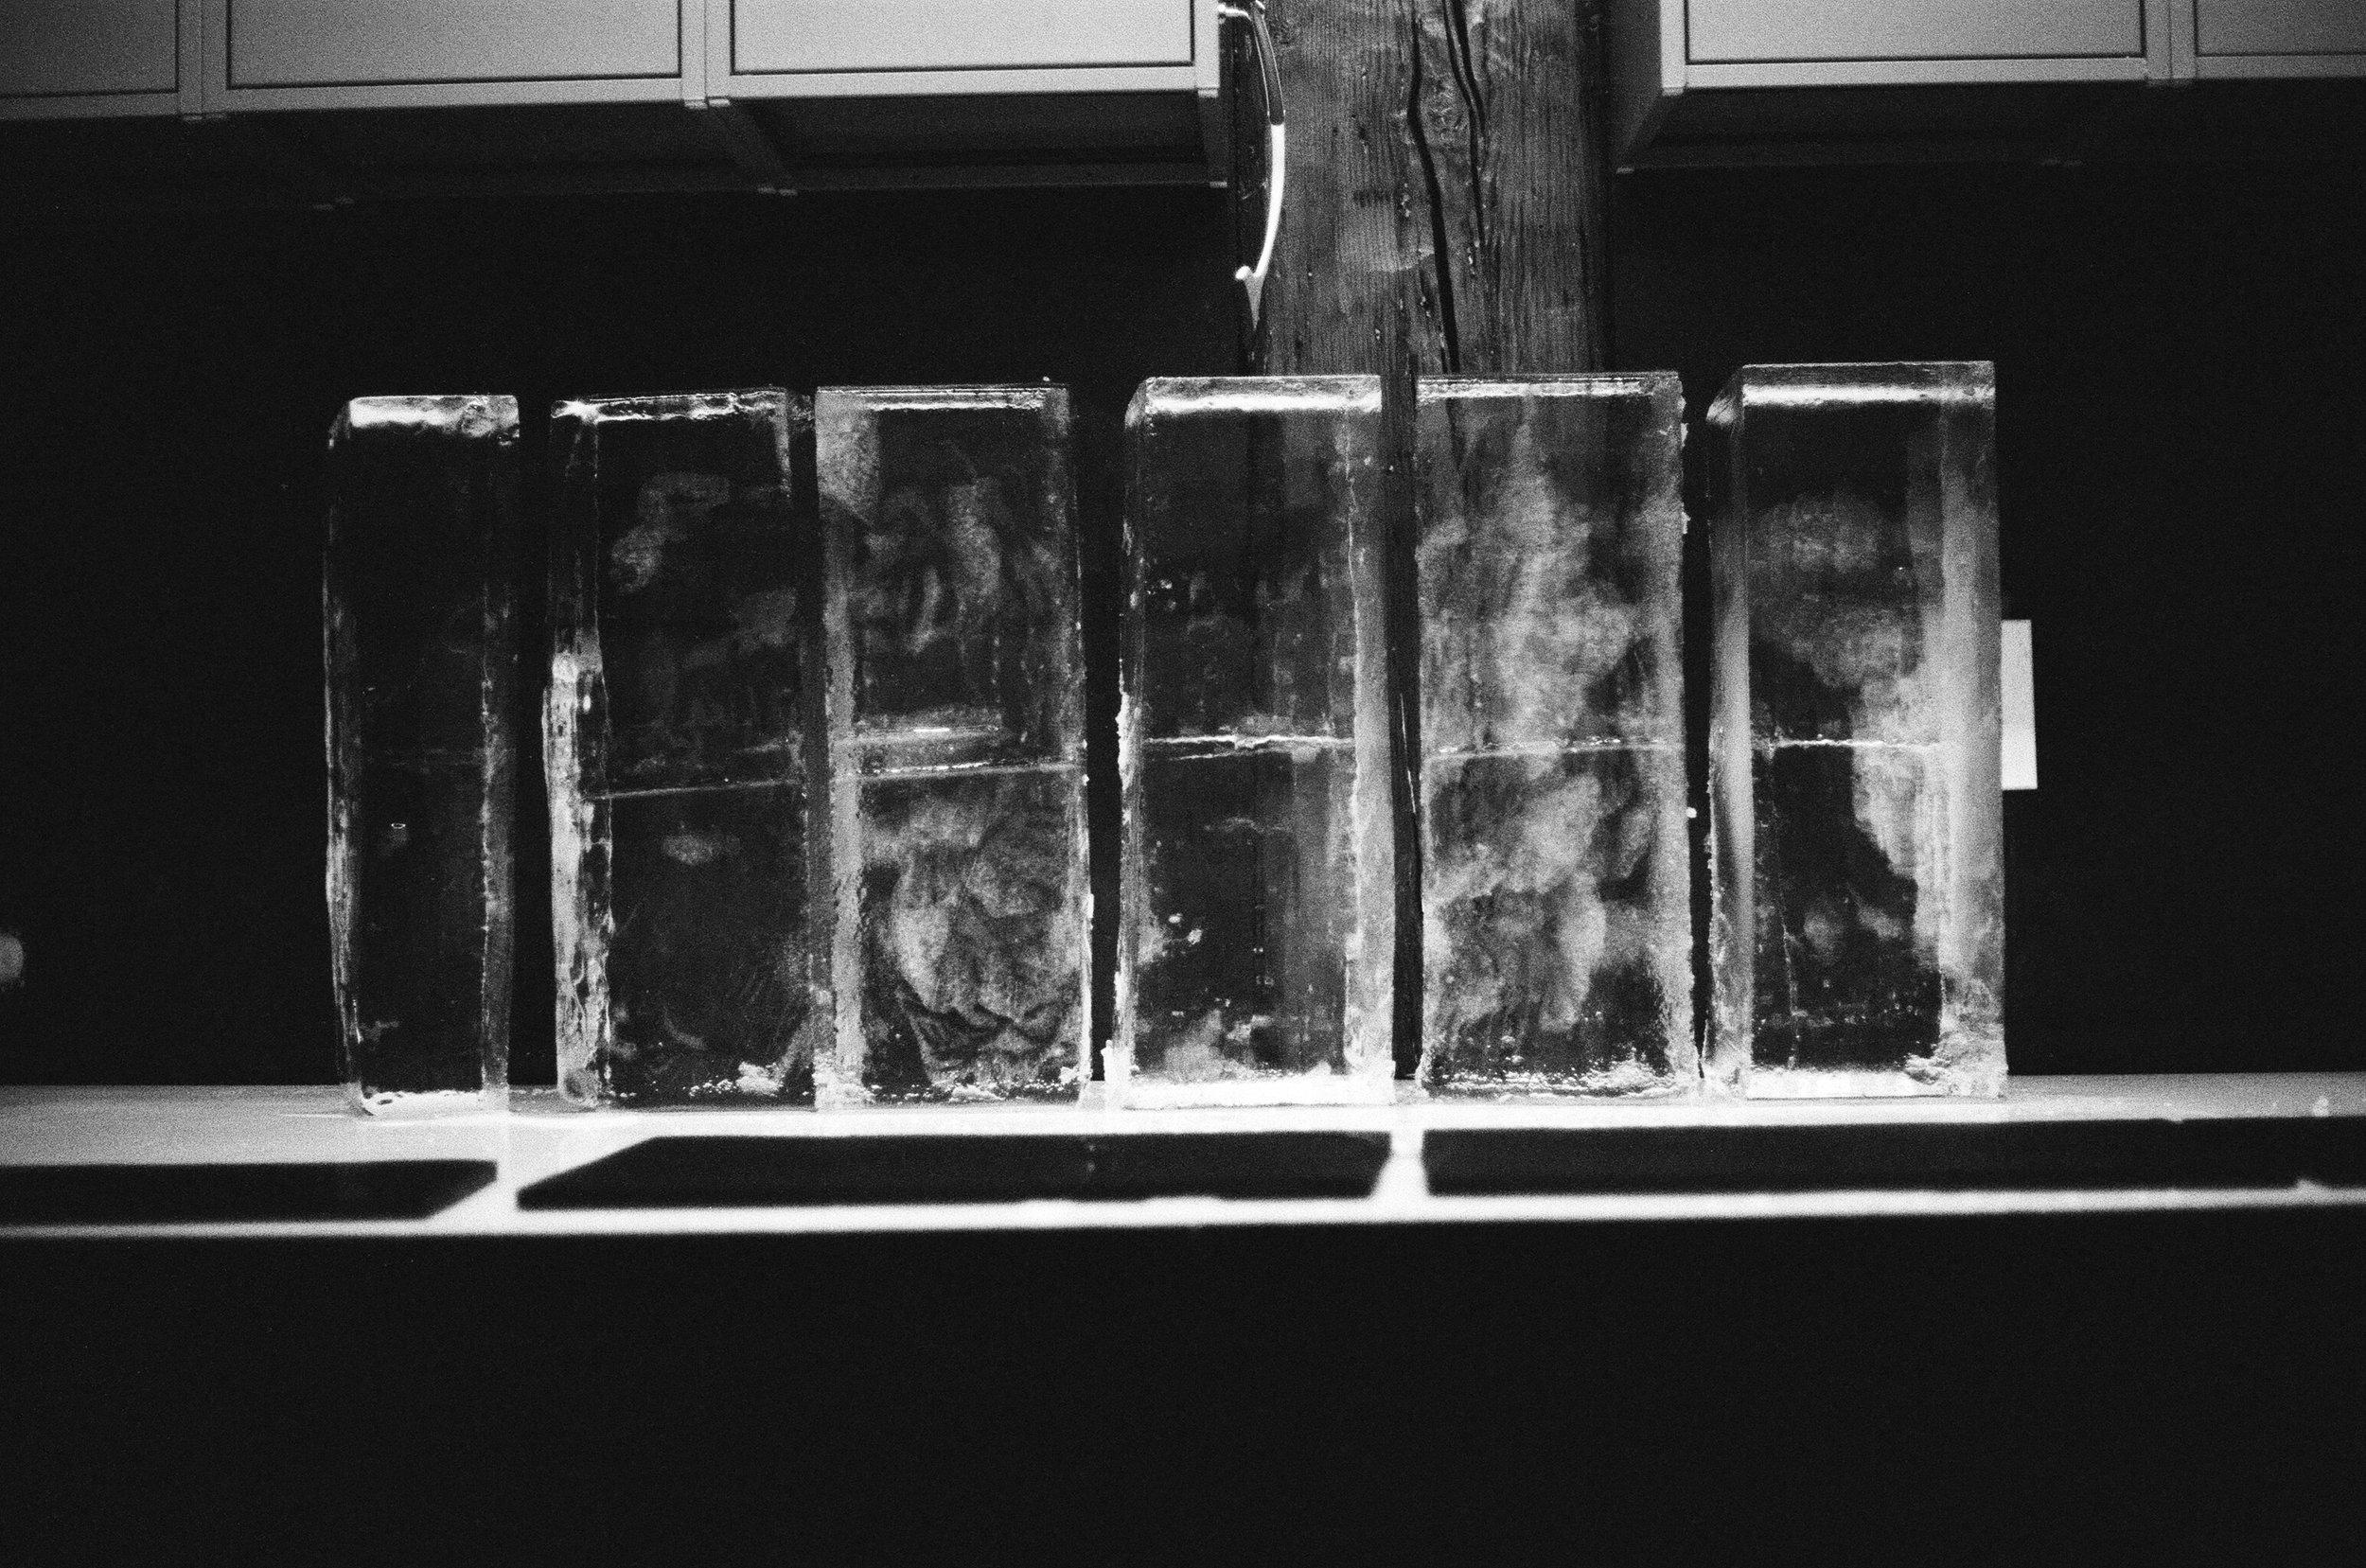 bloc de glace pour sculpture ou bar